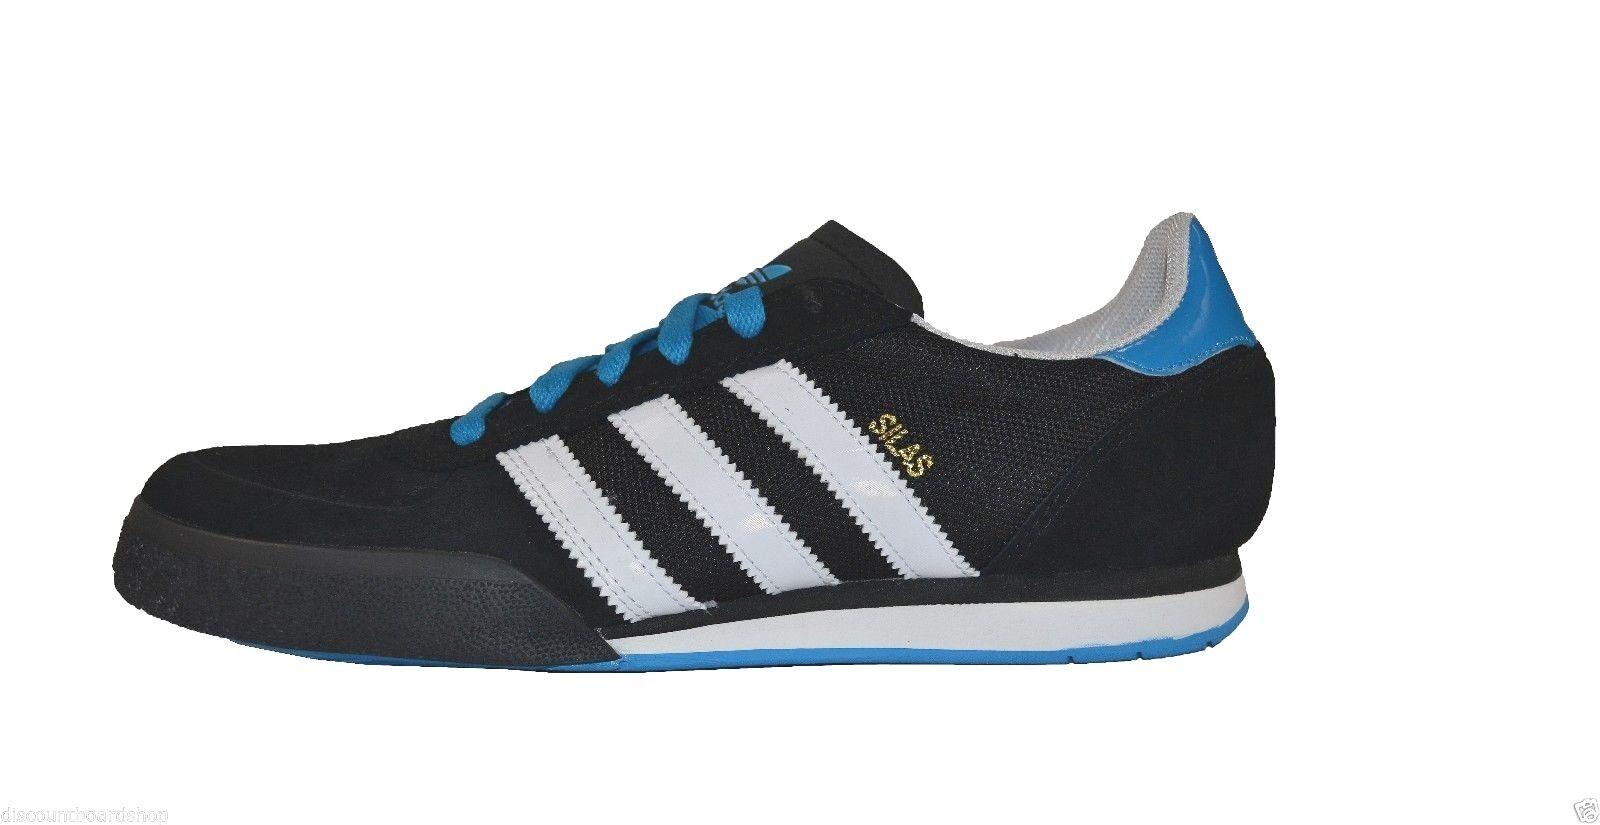 schwarz - weiß - blauen d73667 skateboard - adidas silas d73667 blauen (253) männer, schuhe f4c02f